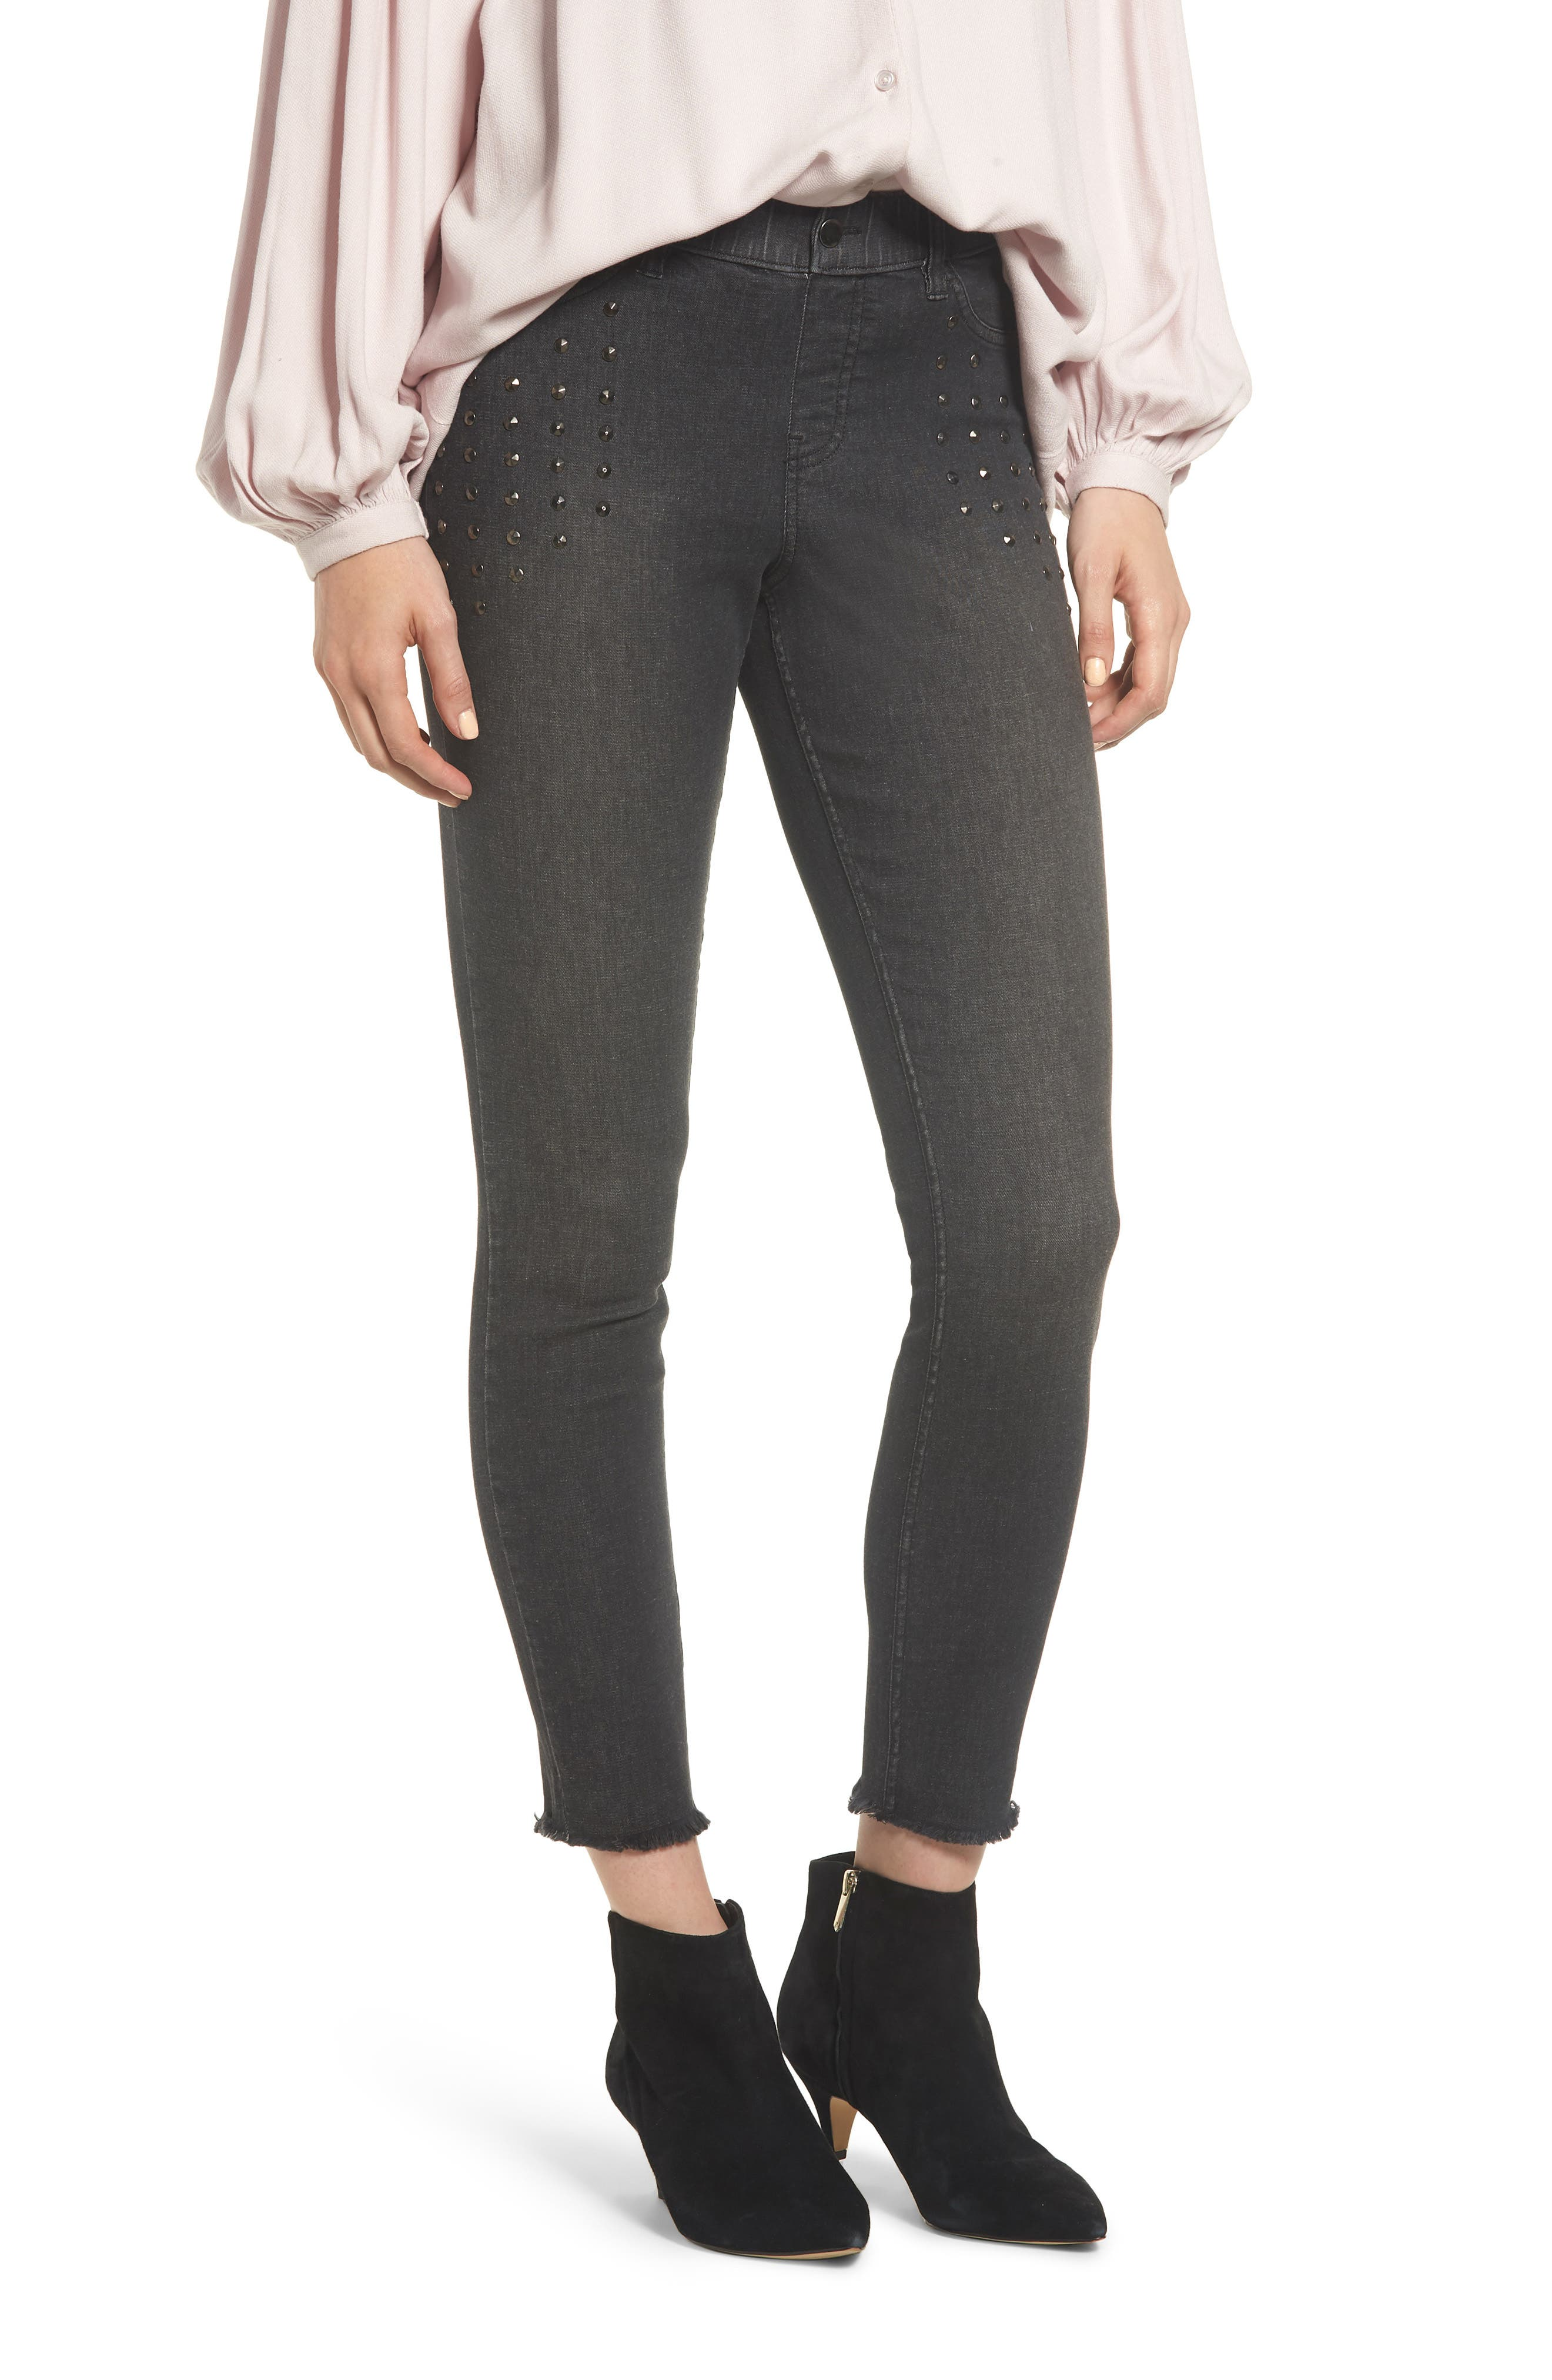 Zeza B By Hue Studded Denim Skimmer Leggings, Black